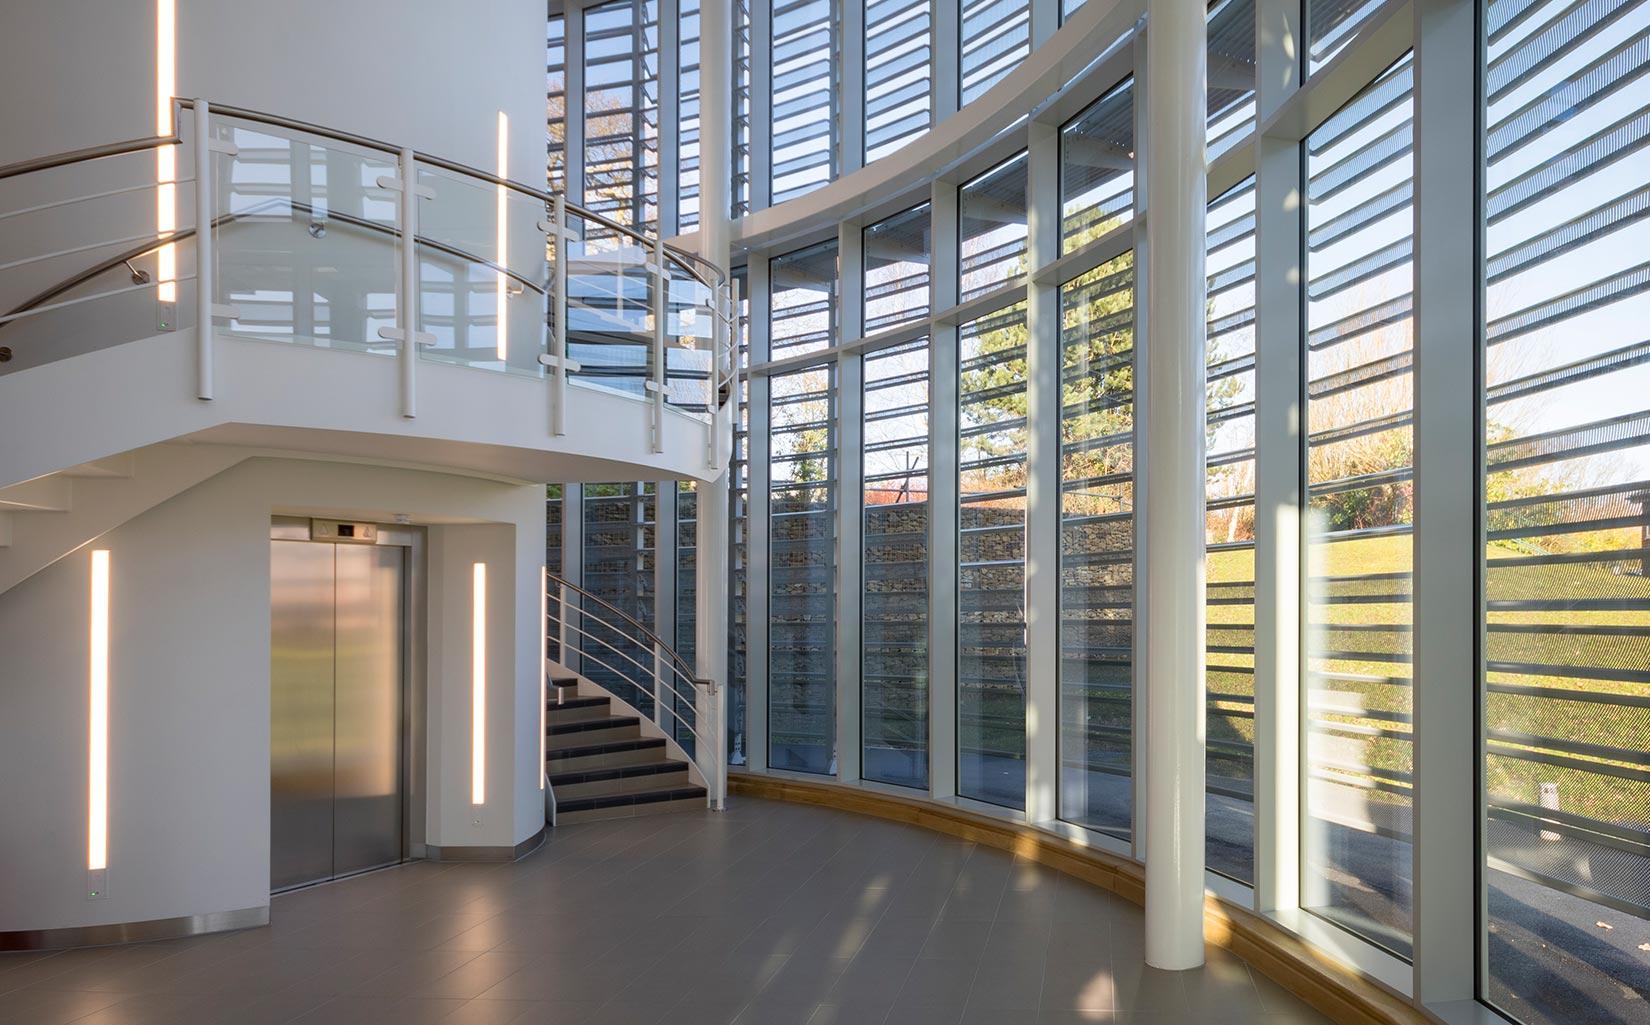 Unilever Advanced Manufacturing Centre, Reception Area